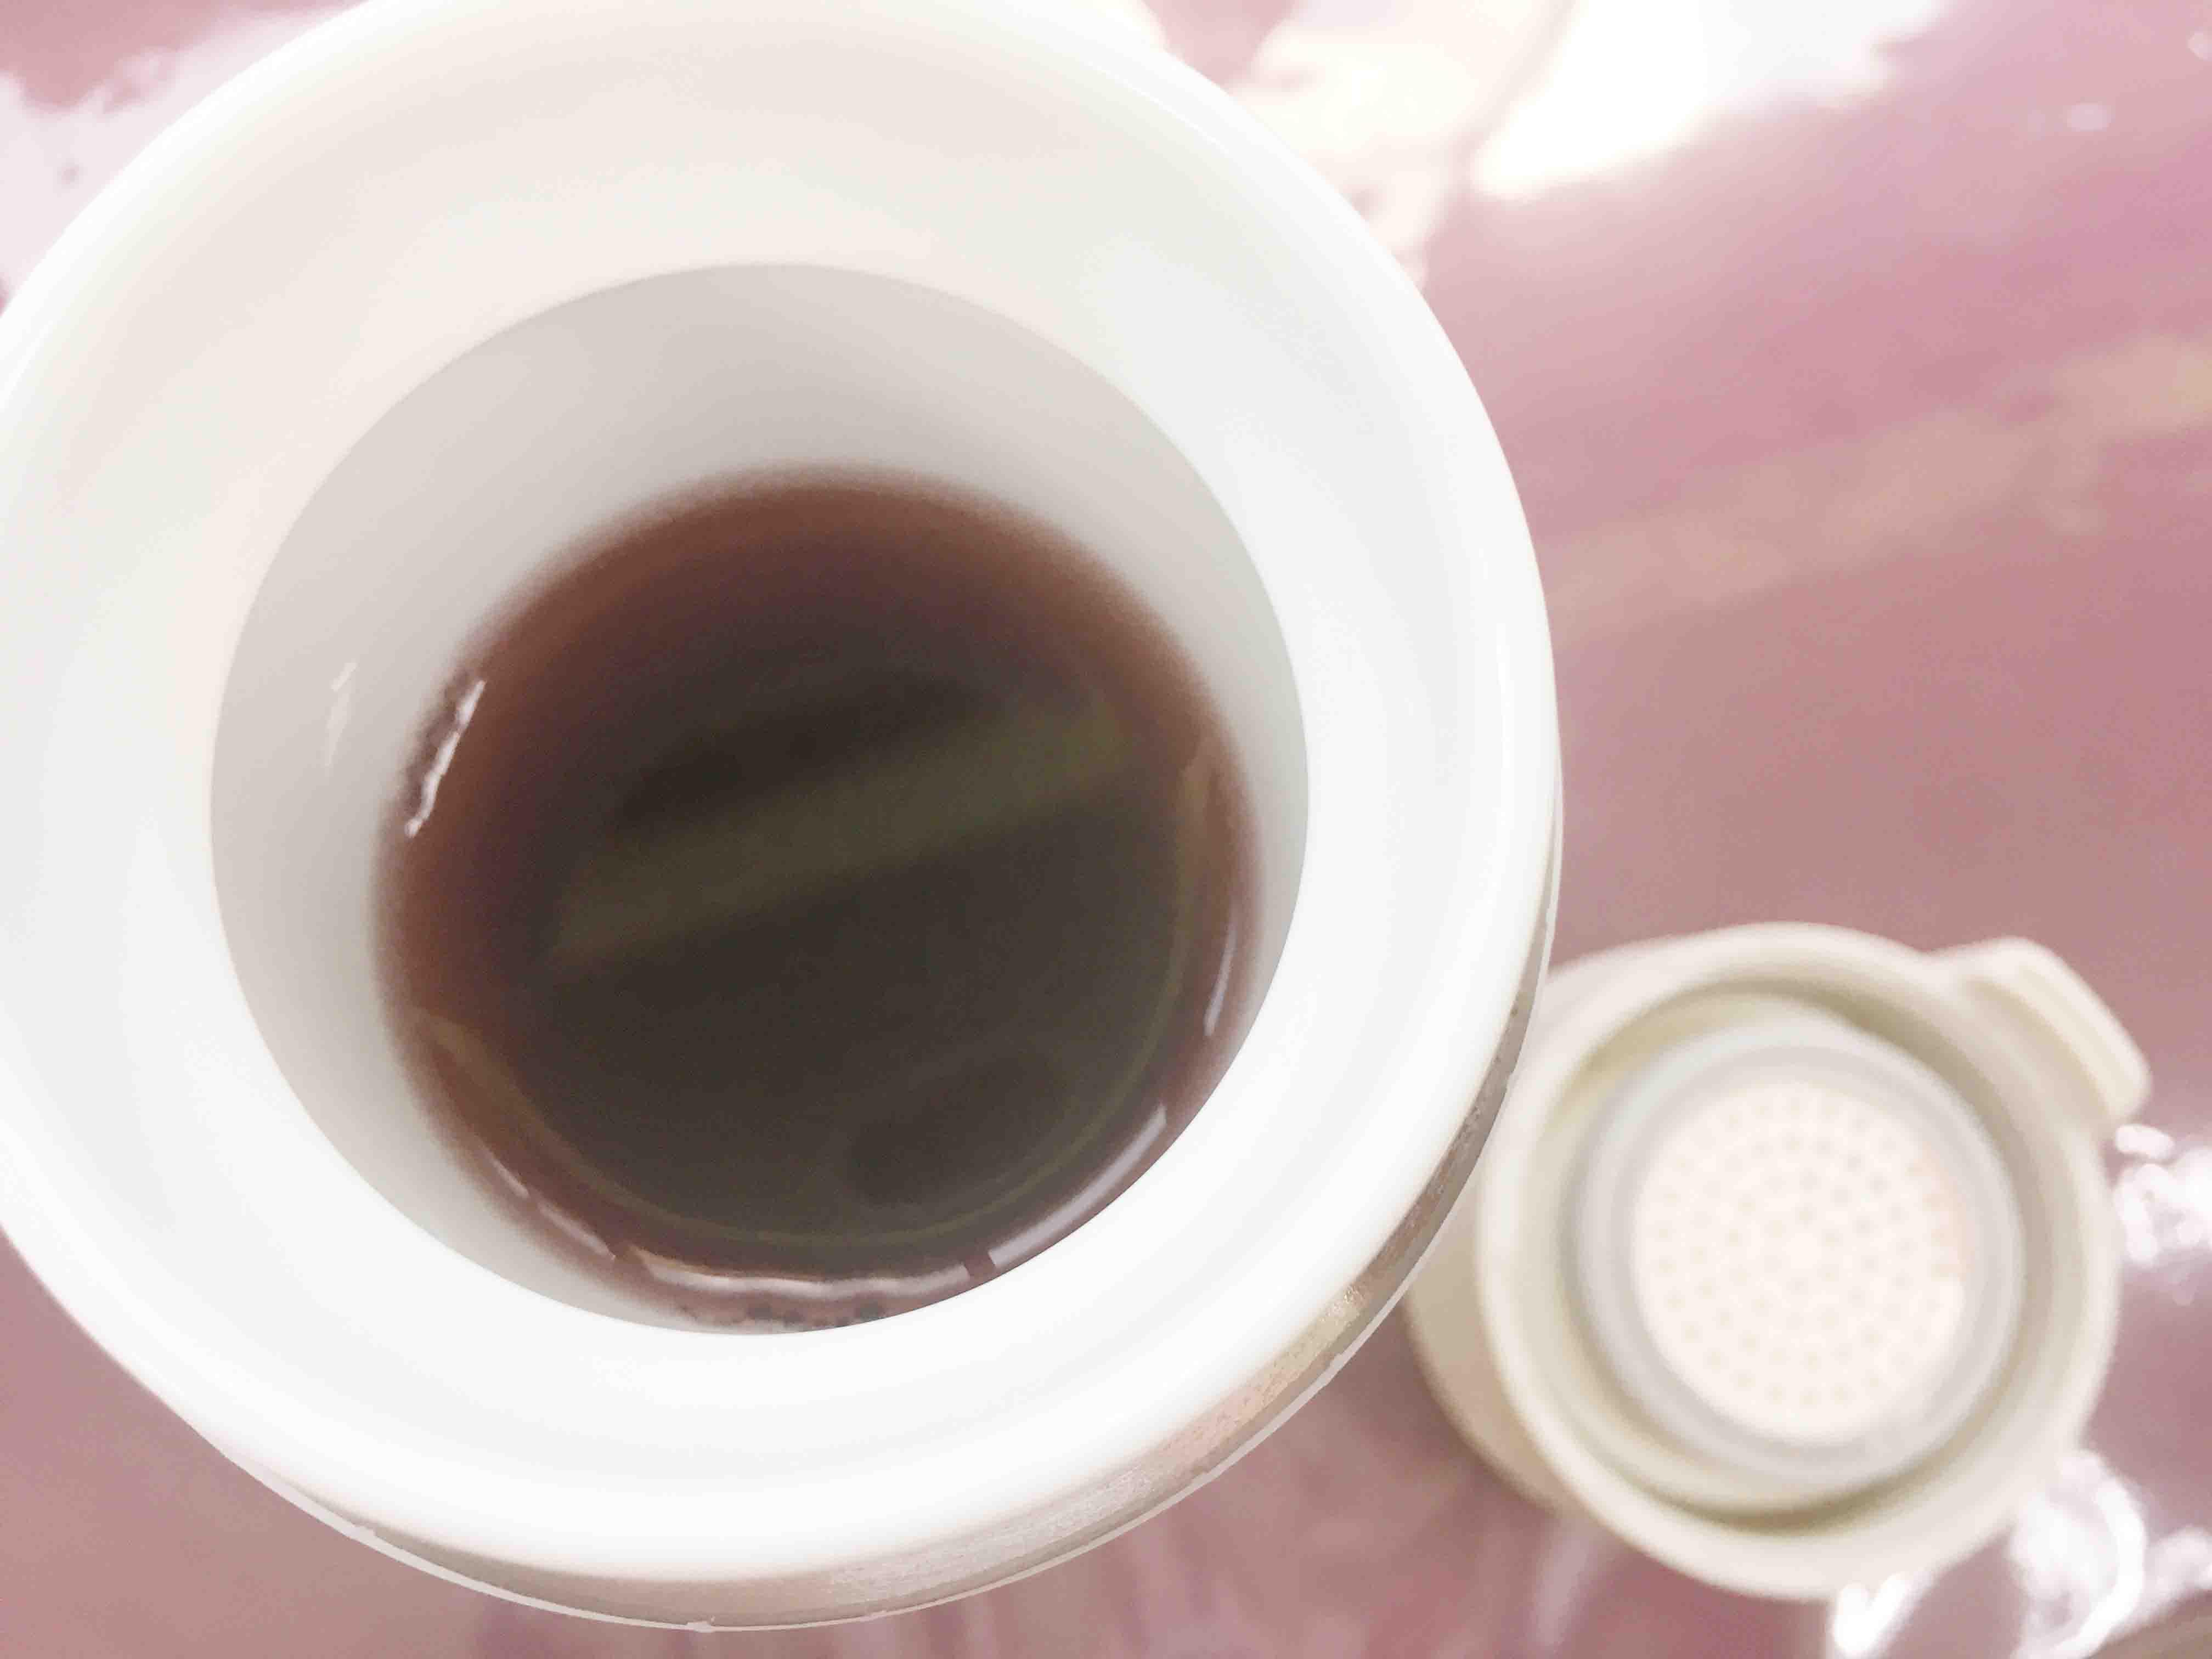 盛裝無極限✨美型陶瓷保溫杯的第 17 張圖片